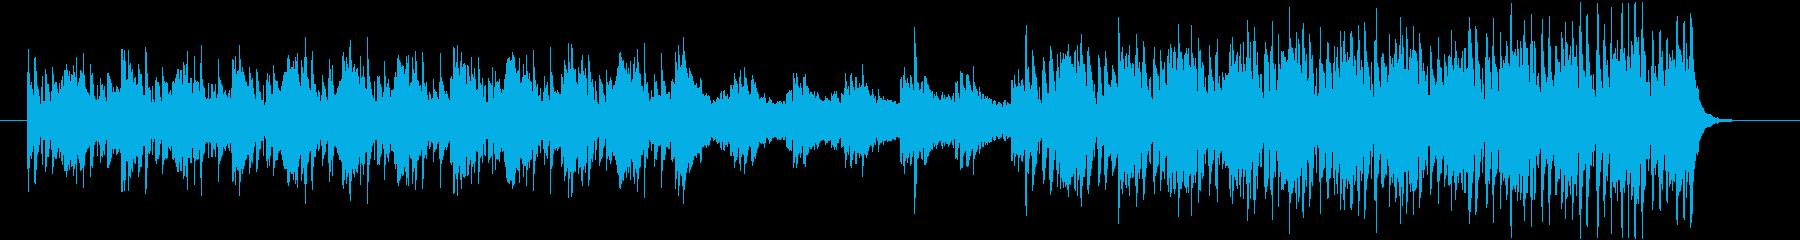 ギター、シンセサイザー、パッド、ピ...の再生済みの波形